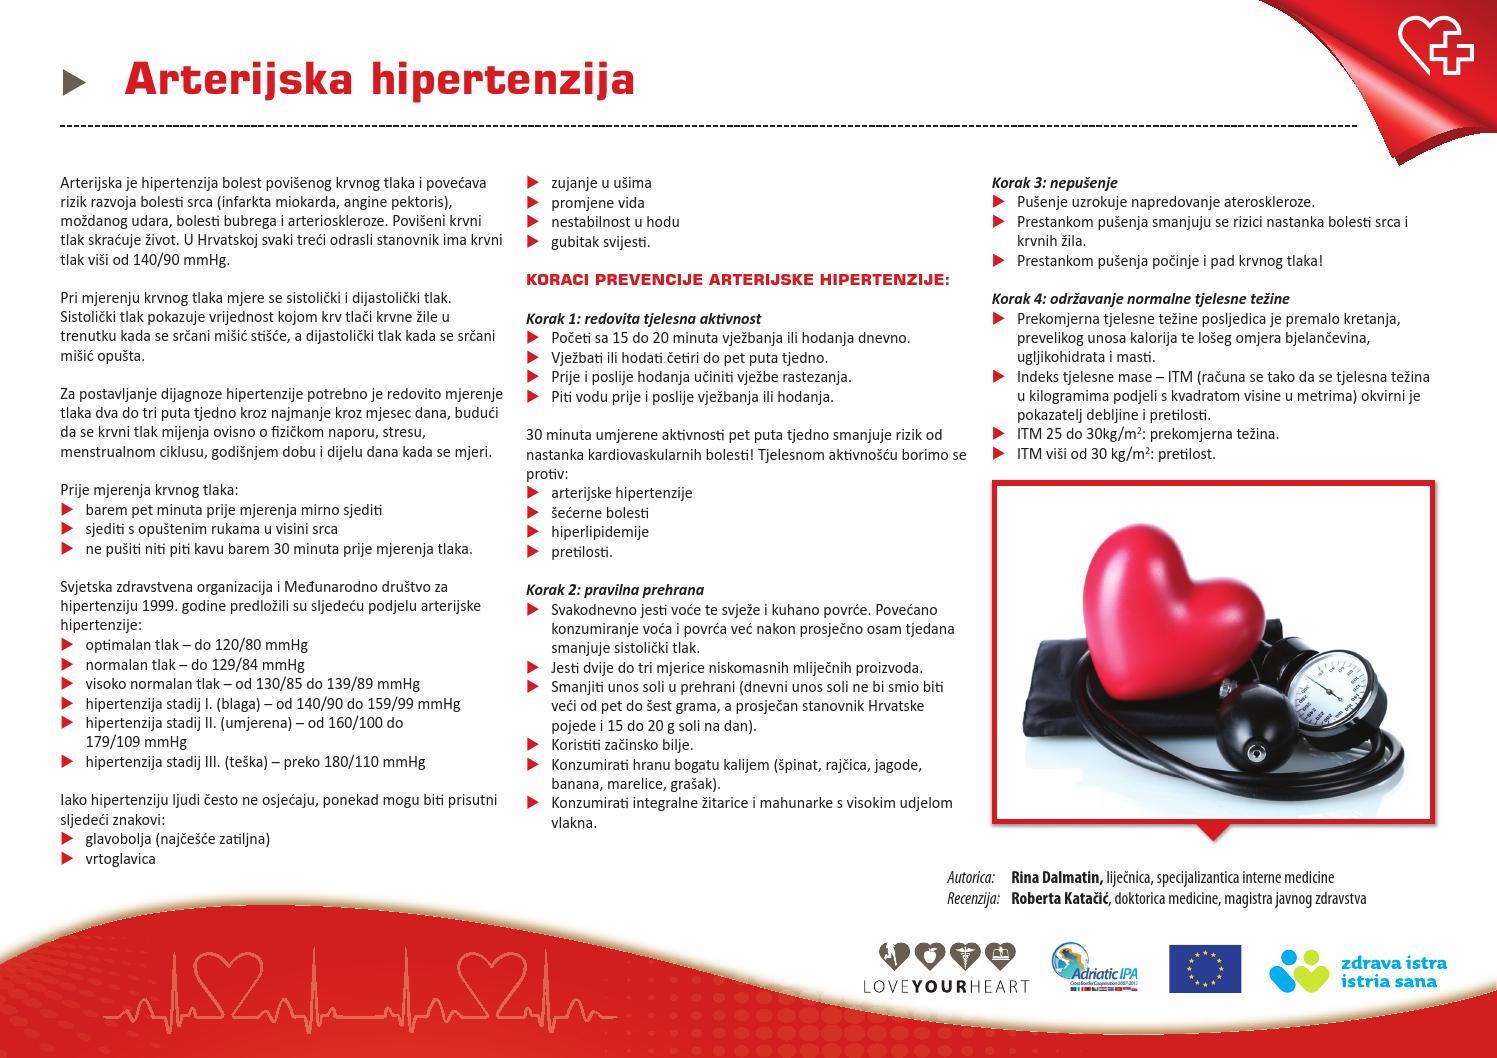 Neliječena hipertenzija povećava rizik od hemoragijskog moždanog udara / Vijesti - symposium-h2o.com